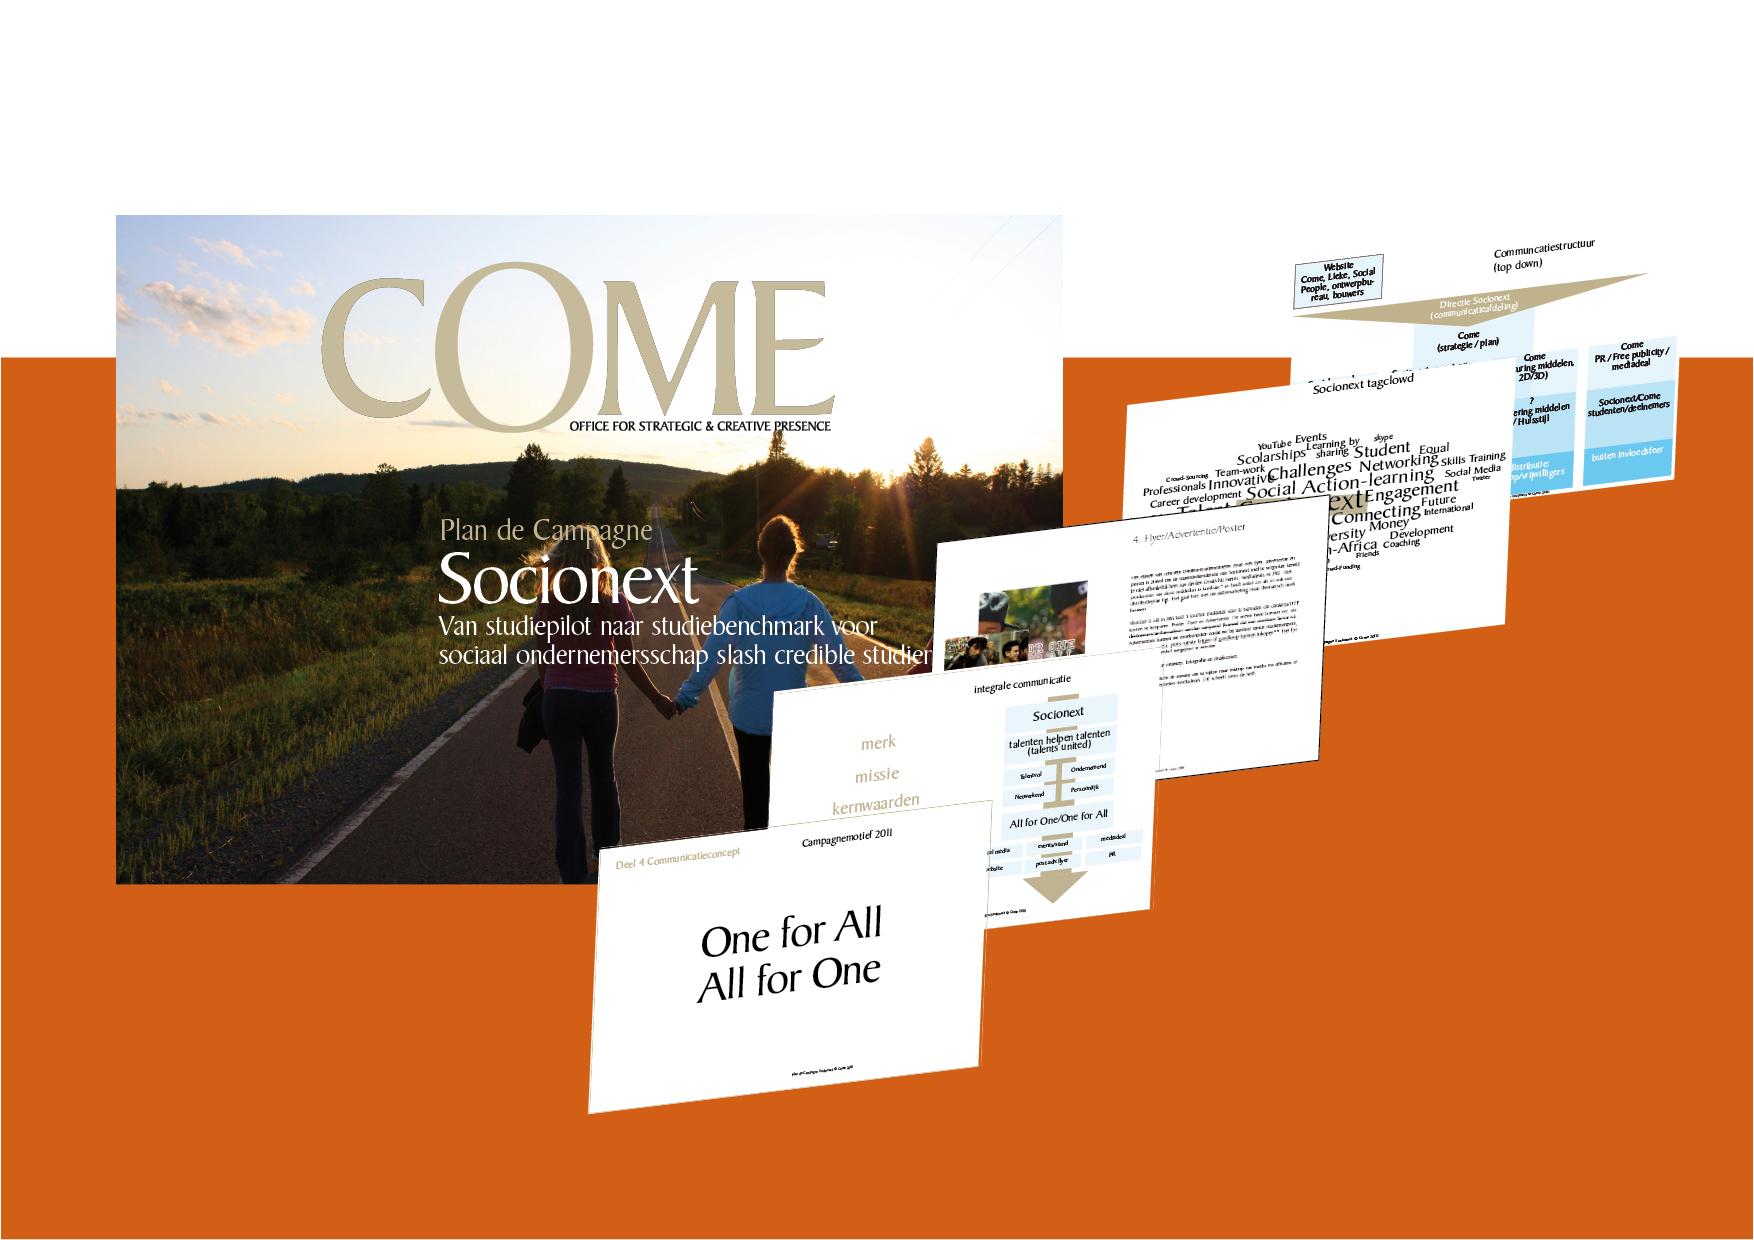 Plan de campagne socionext for Comboutiques plan de campagne